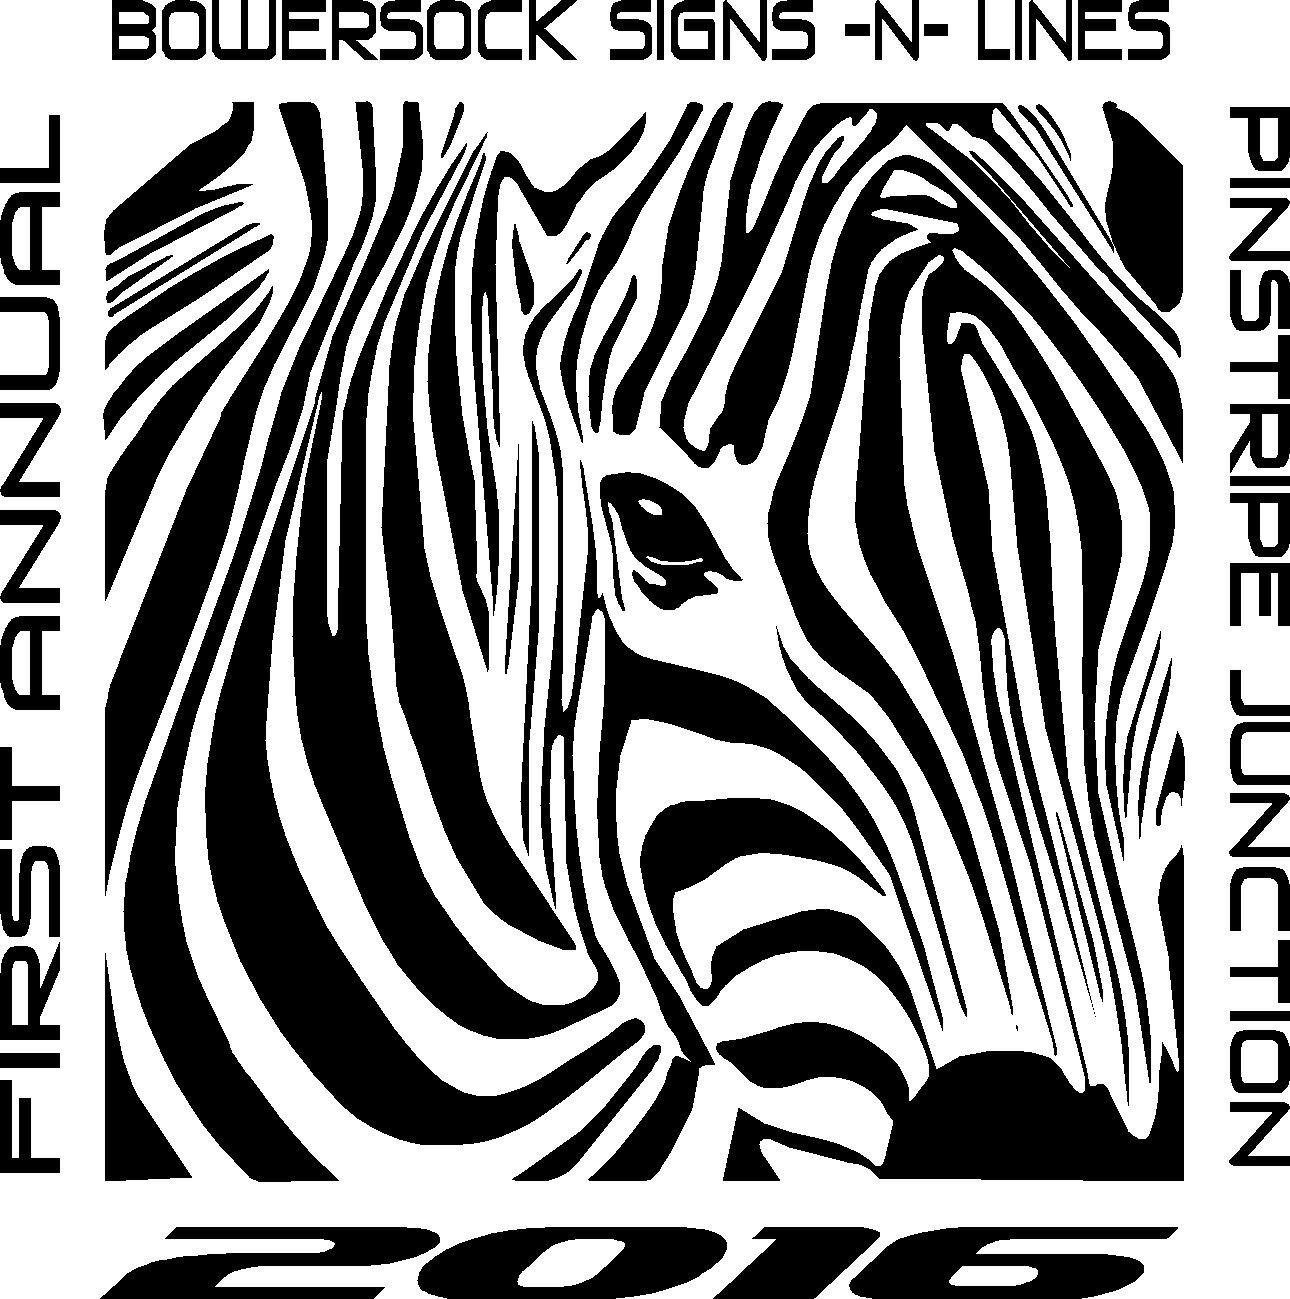 Pin van Bowersock Signs-N-Lines op Pinstripe Junction Hot Rods ...